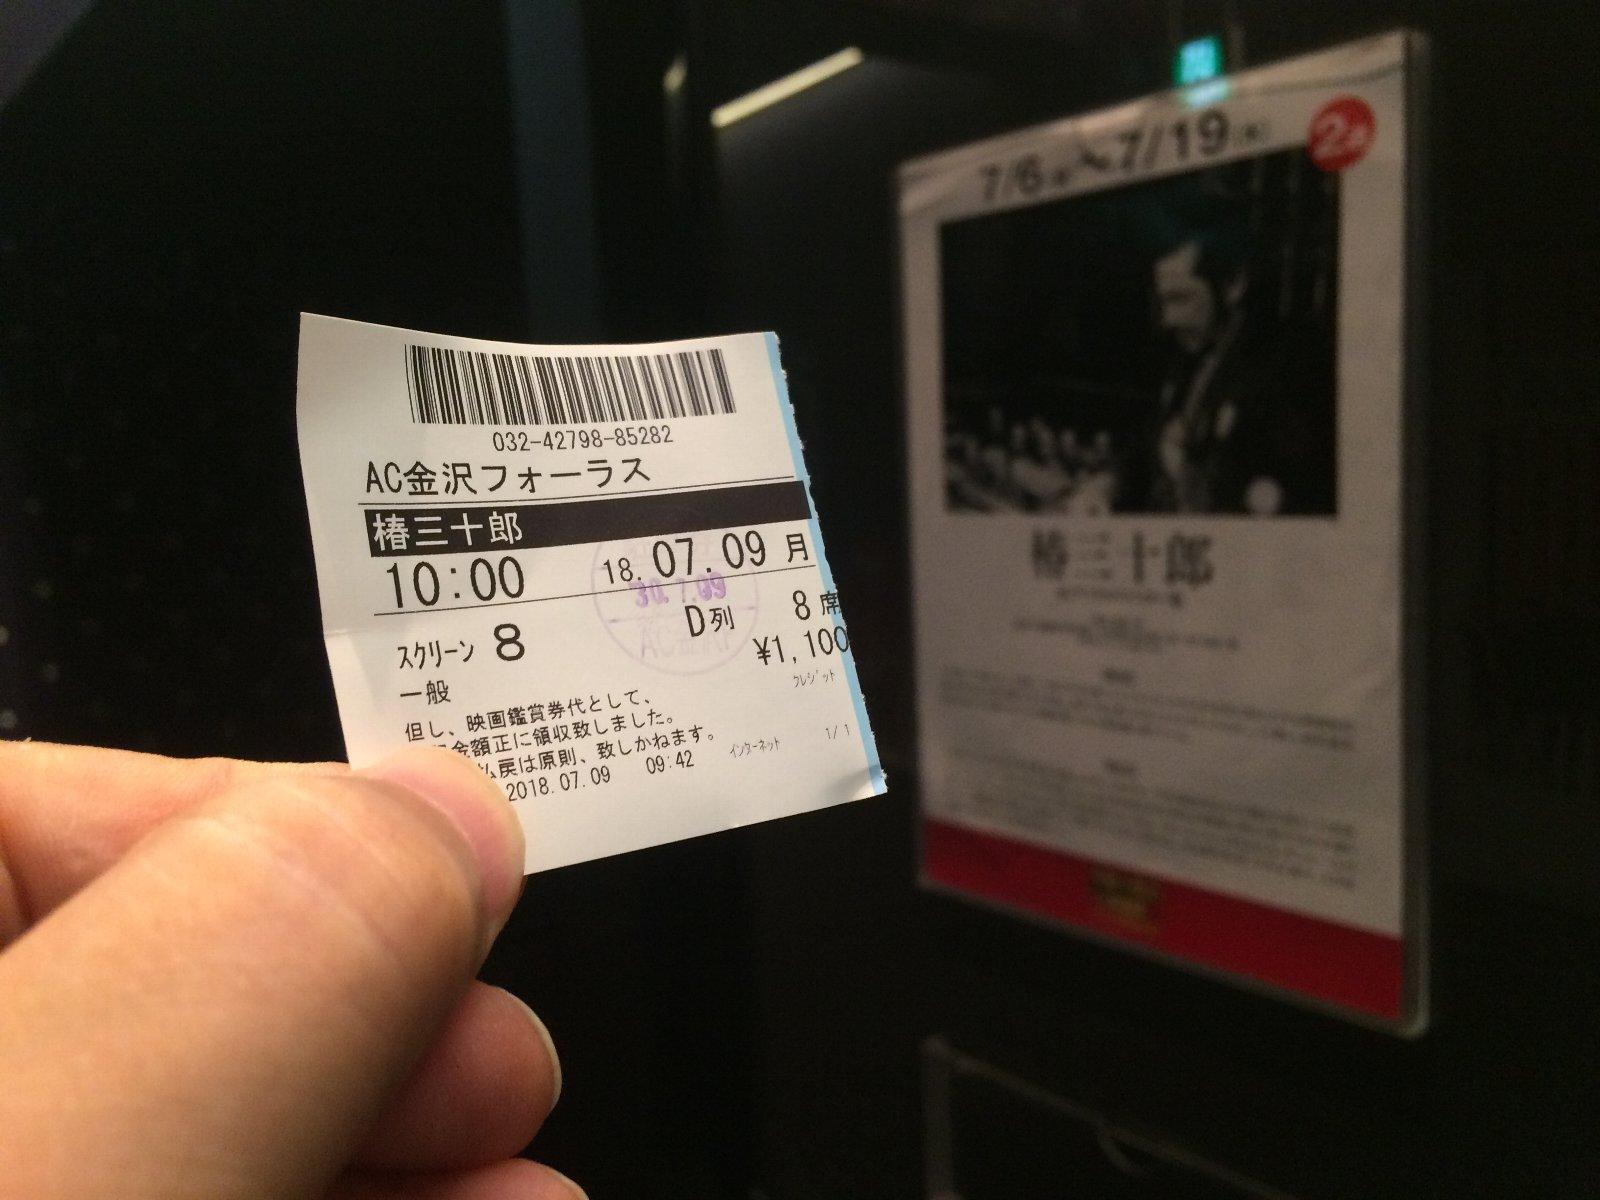 『椿三十郎』チケット